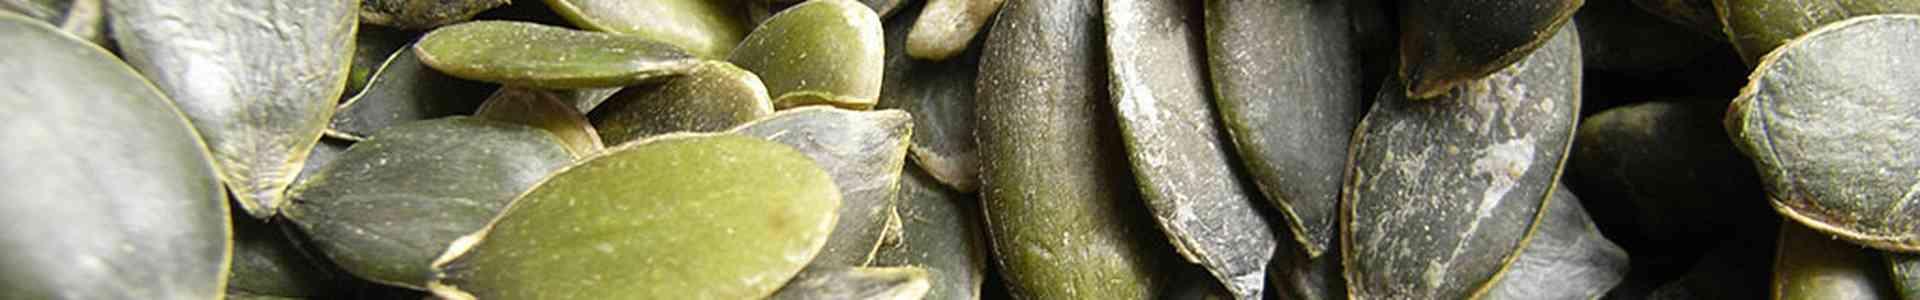 Zijn onze zaden straks verboden?